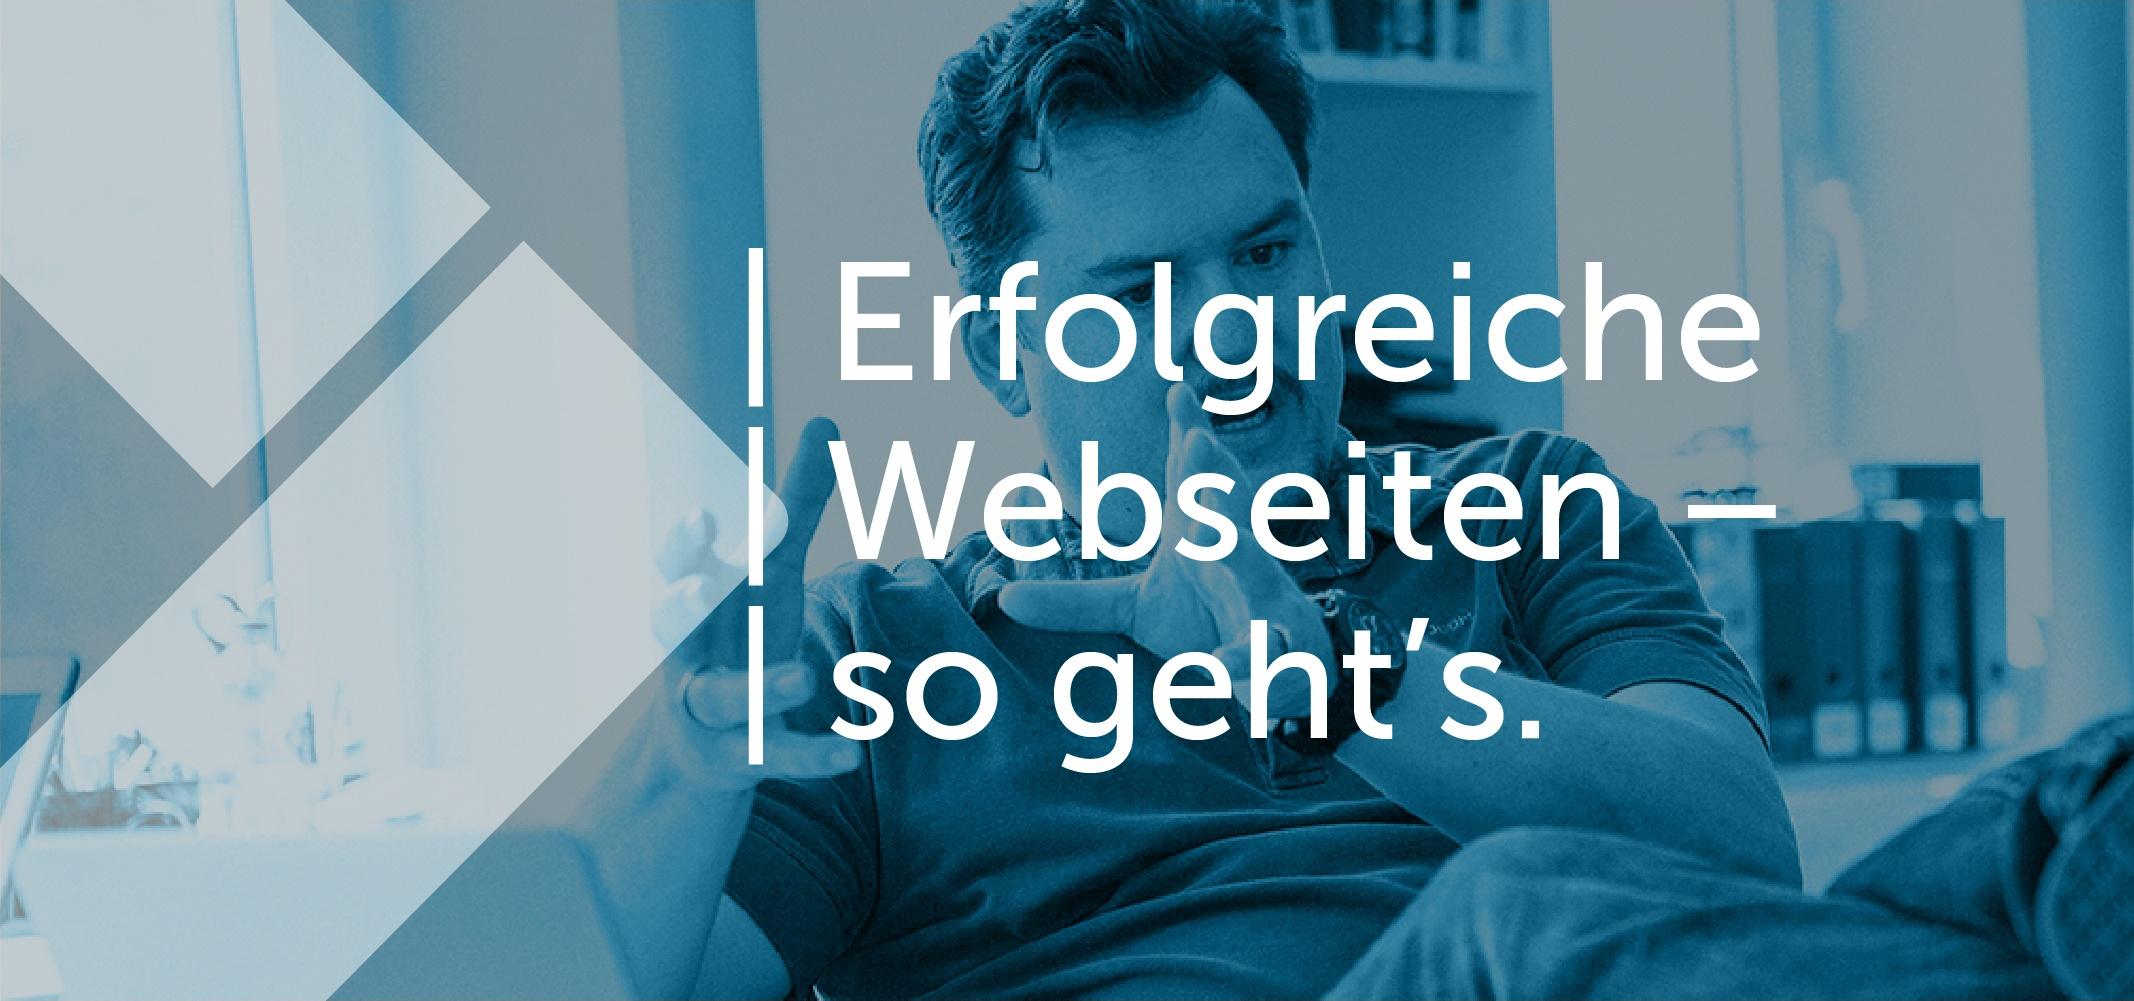 erfolgreiche-webseiten-so-gehts.jpg